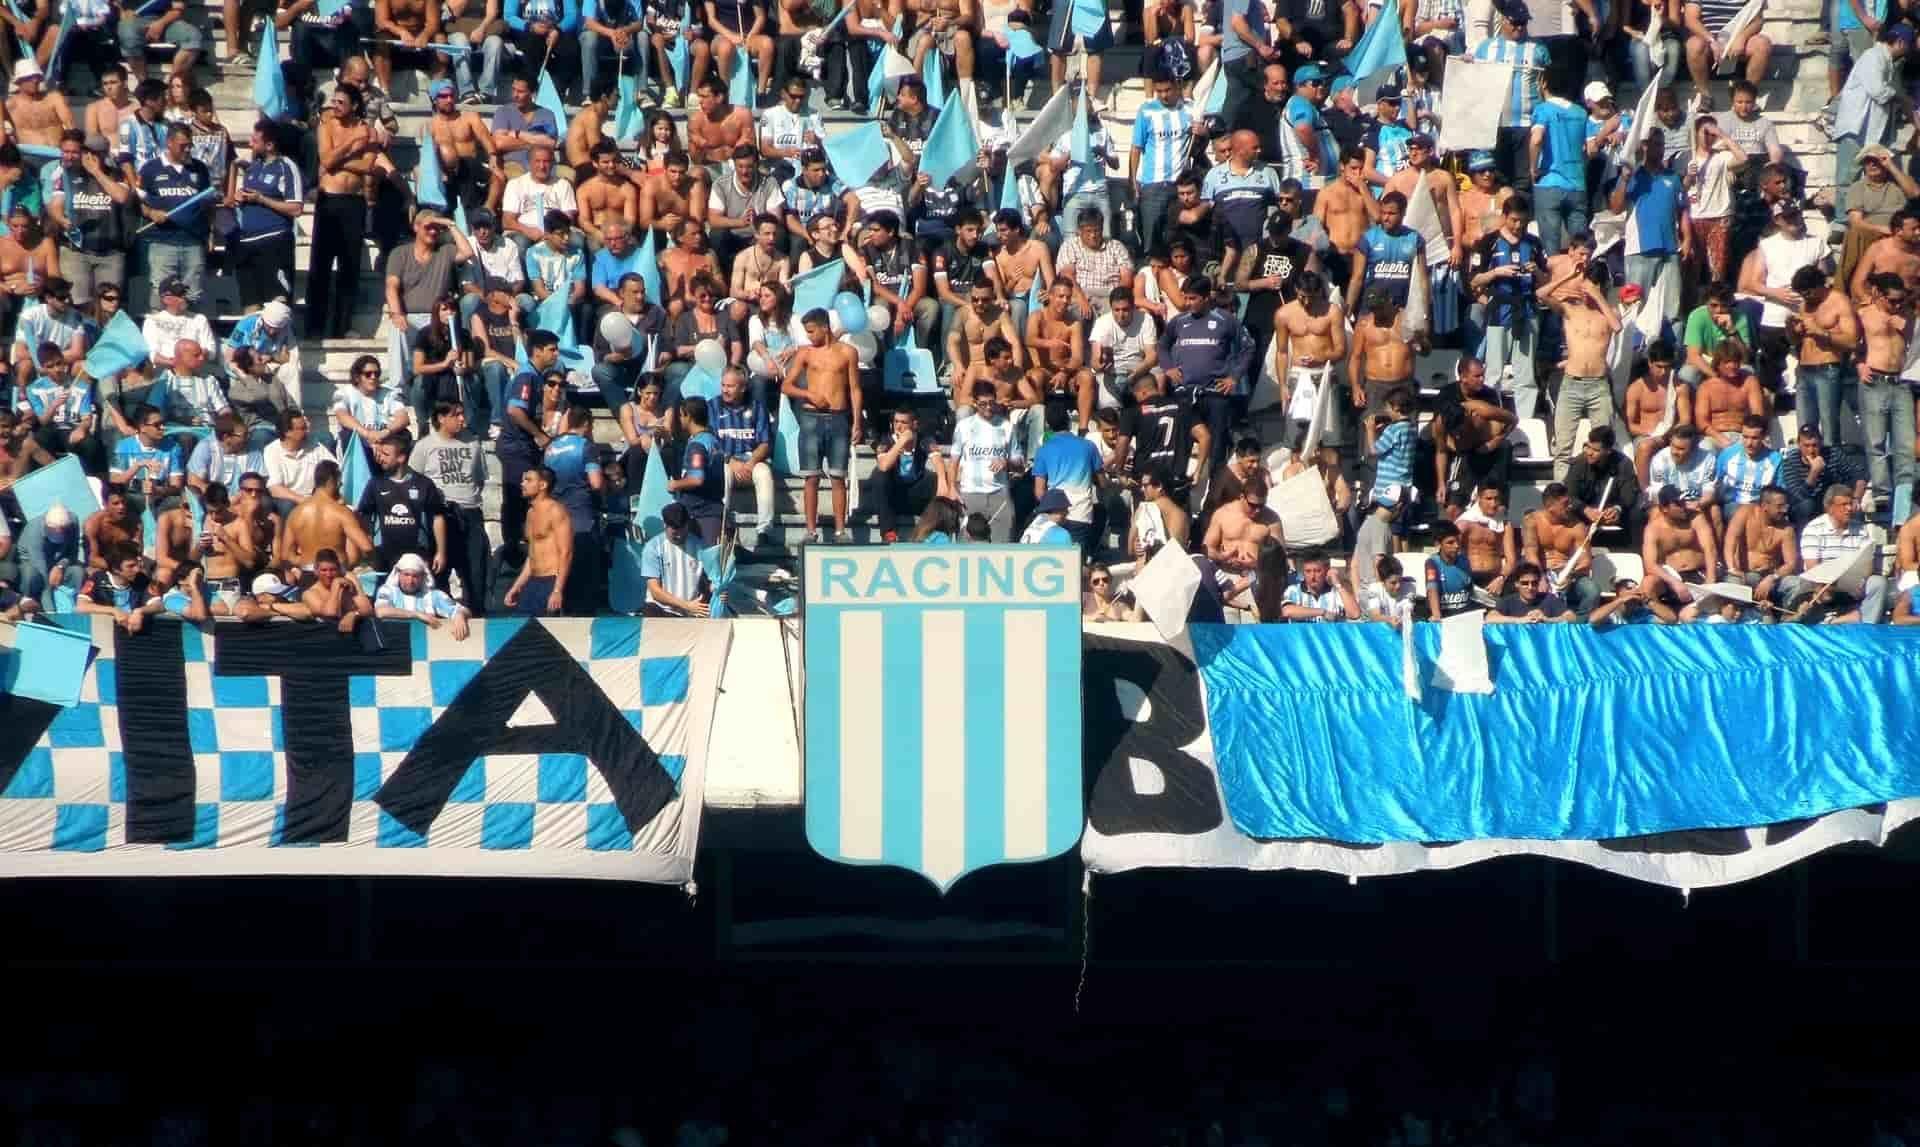 futbol-argentina-unsplash